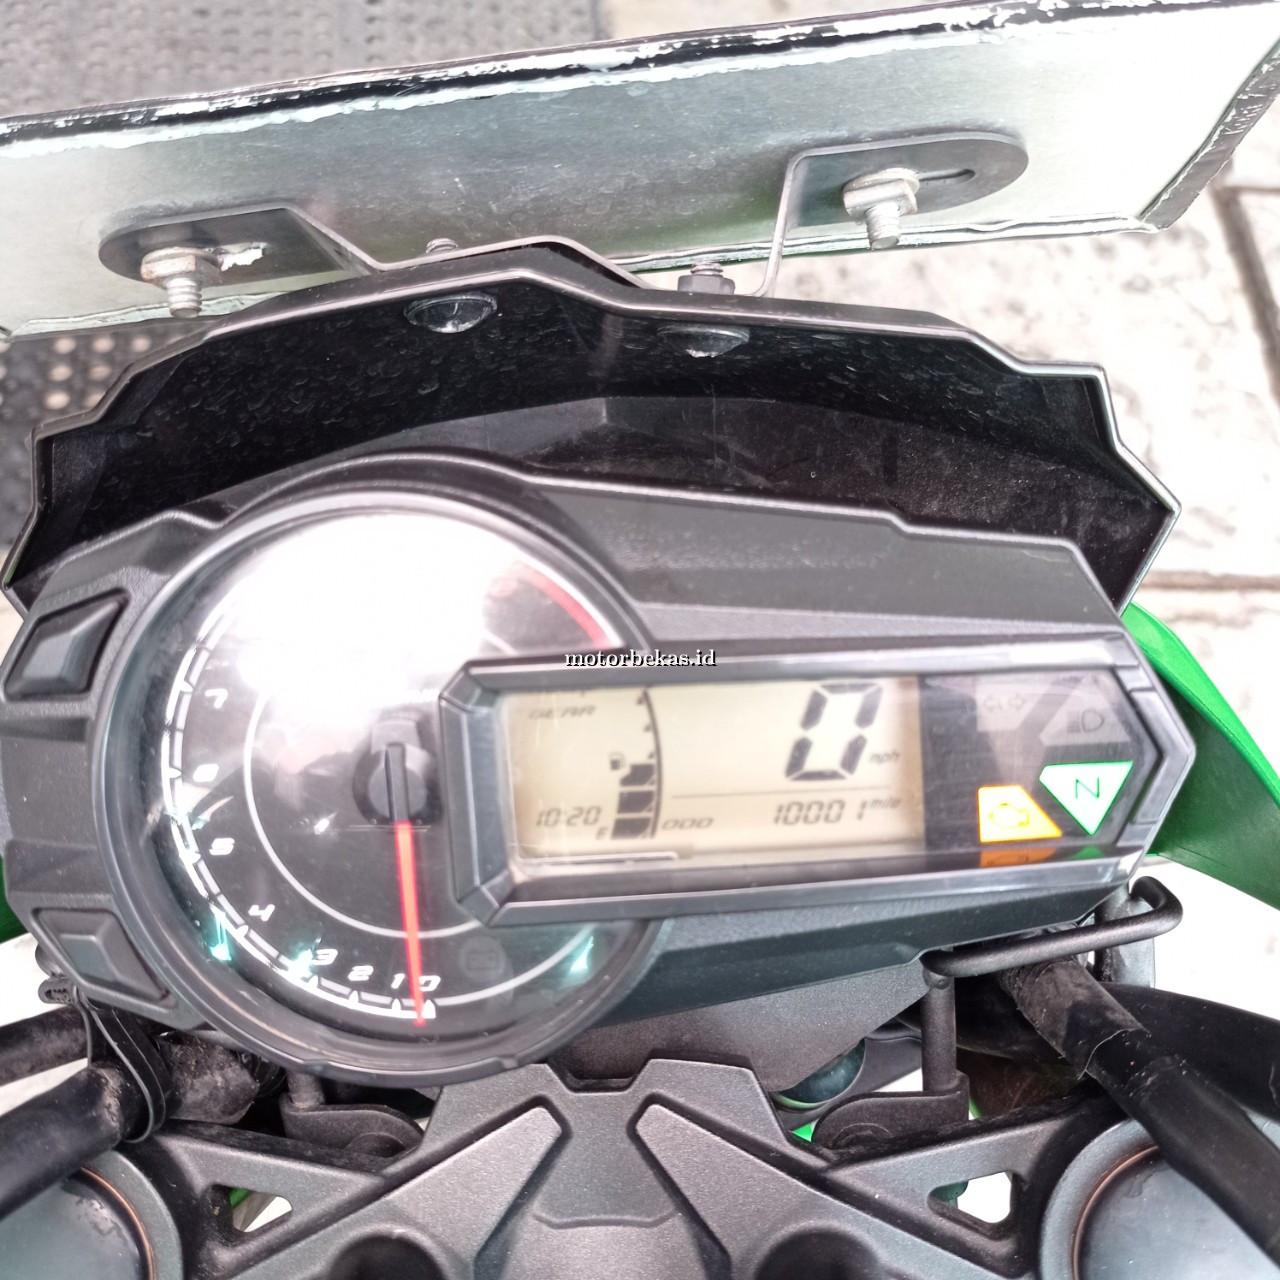 KAWASAKI D-TRACKER  122 motorbekas.id